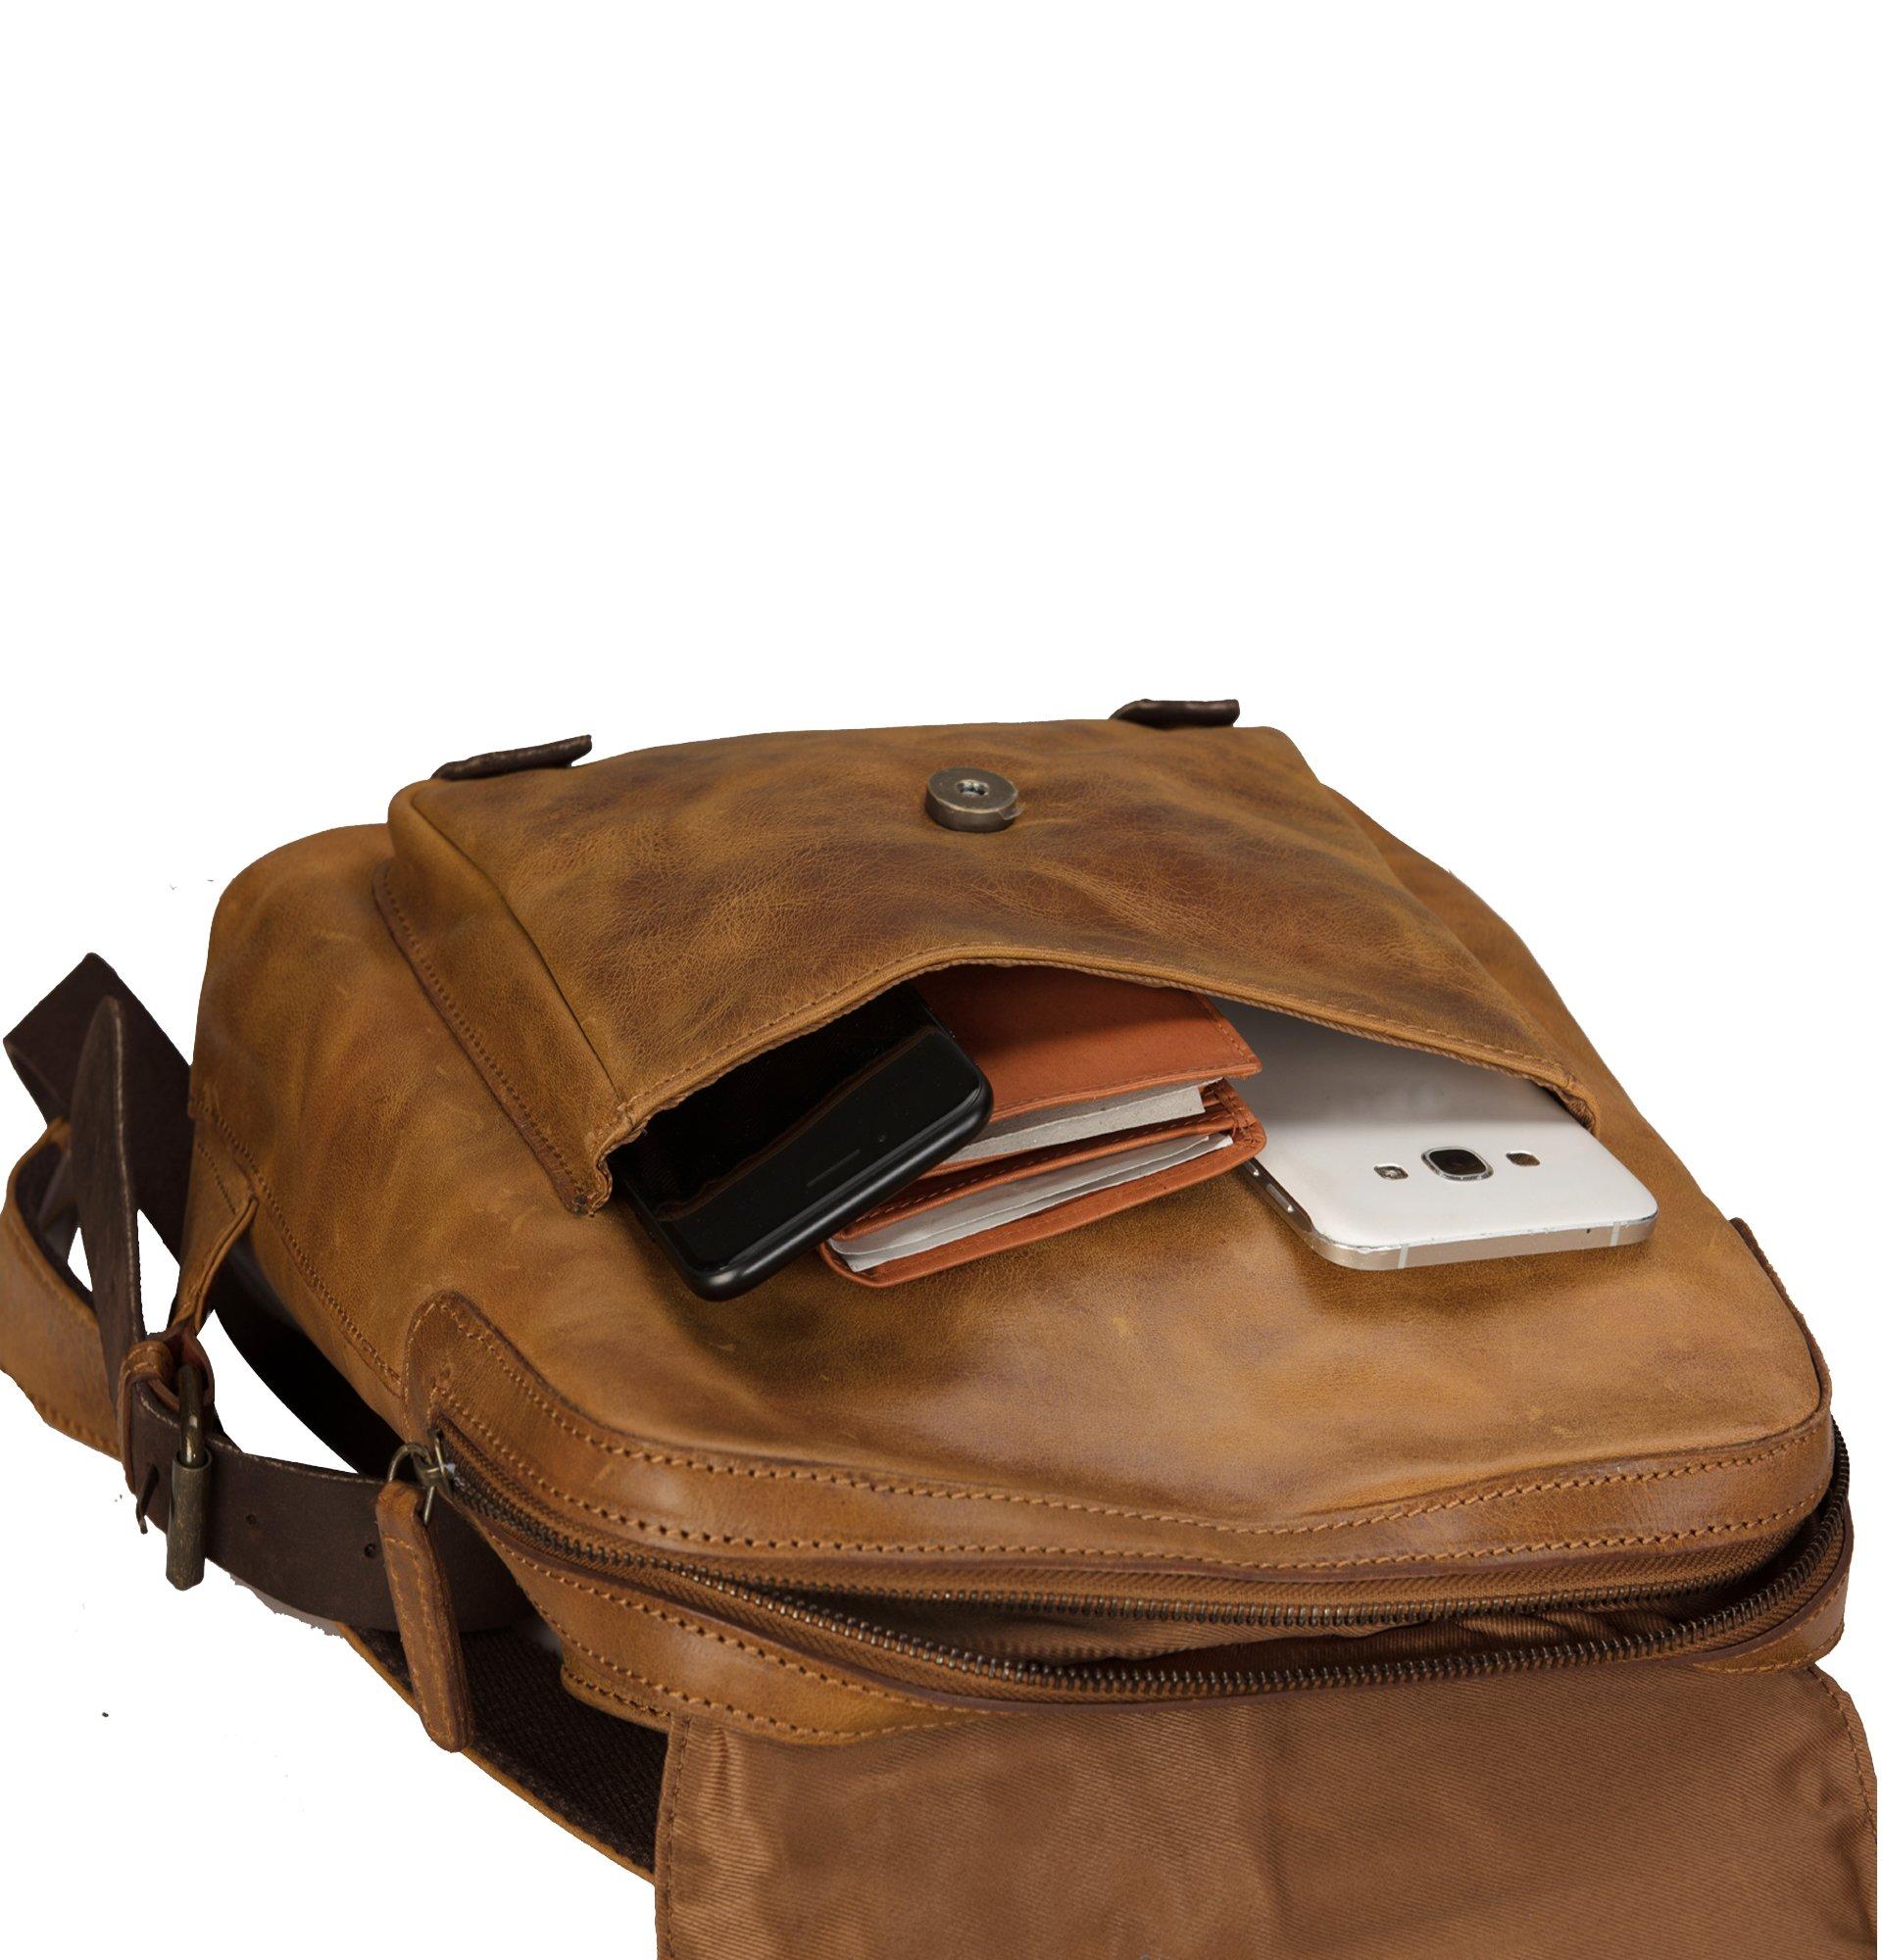 Finelaer Vintage Genuine Leather Backpack DayPack Travel College Bag Brown Men Women by FINELAER (Image #9)